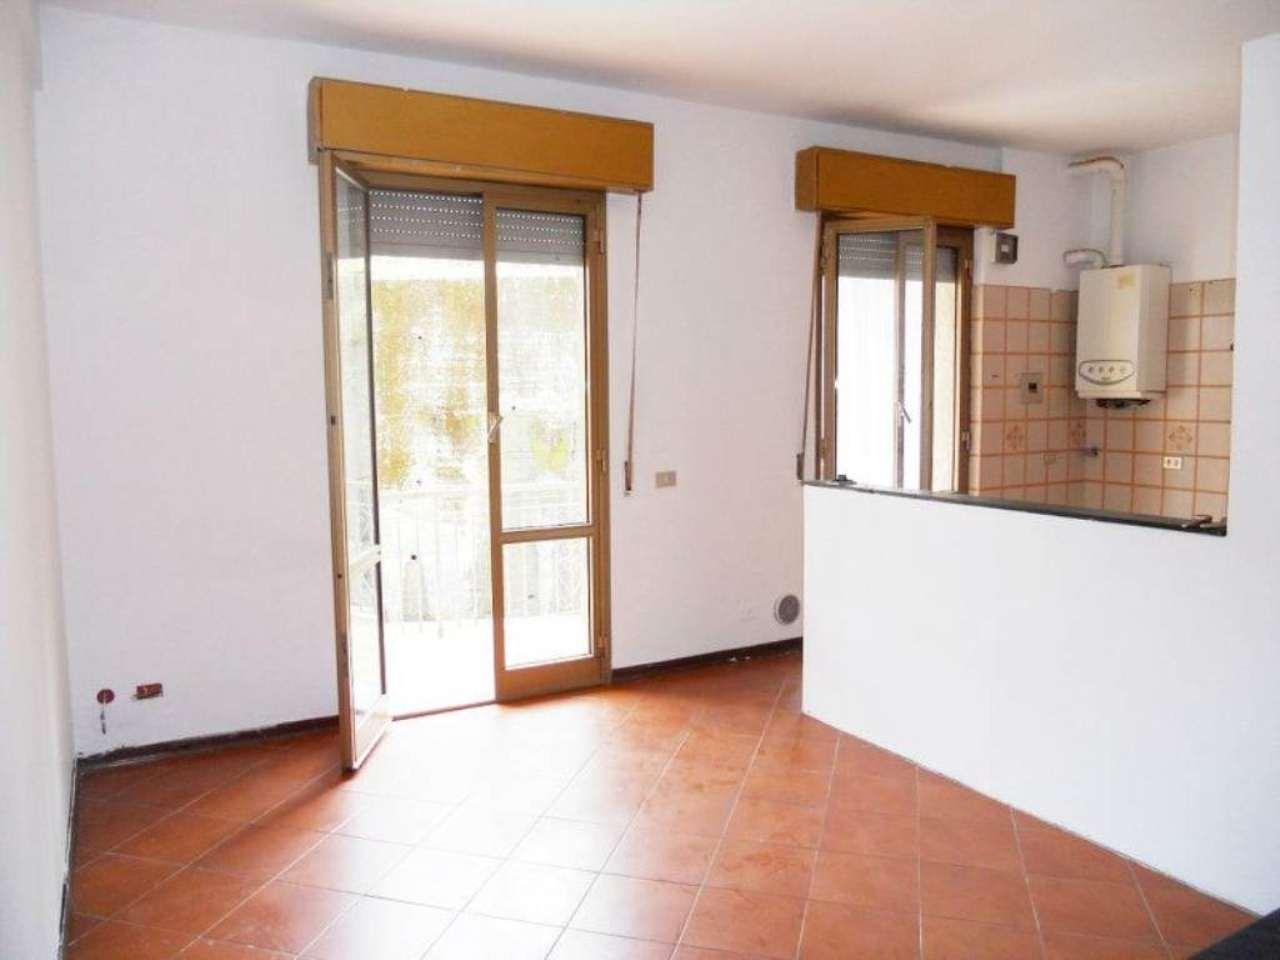 Appartamento in vendita a Cicagna, 4 locali, prezzo € 75.000 | PortaleAgenzieImmobiliari.it